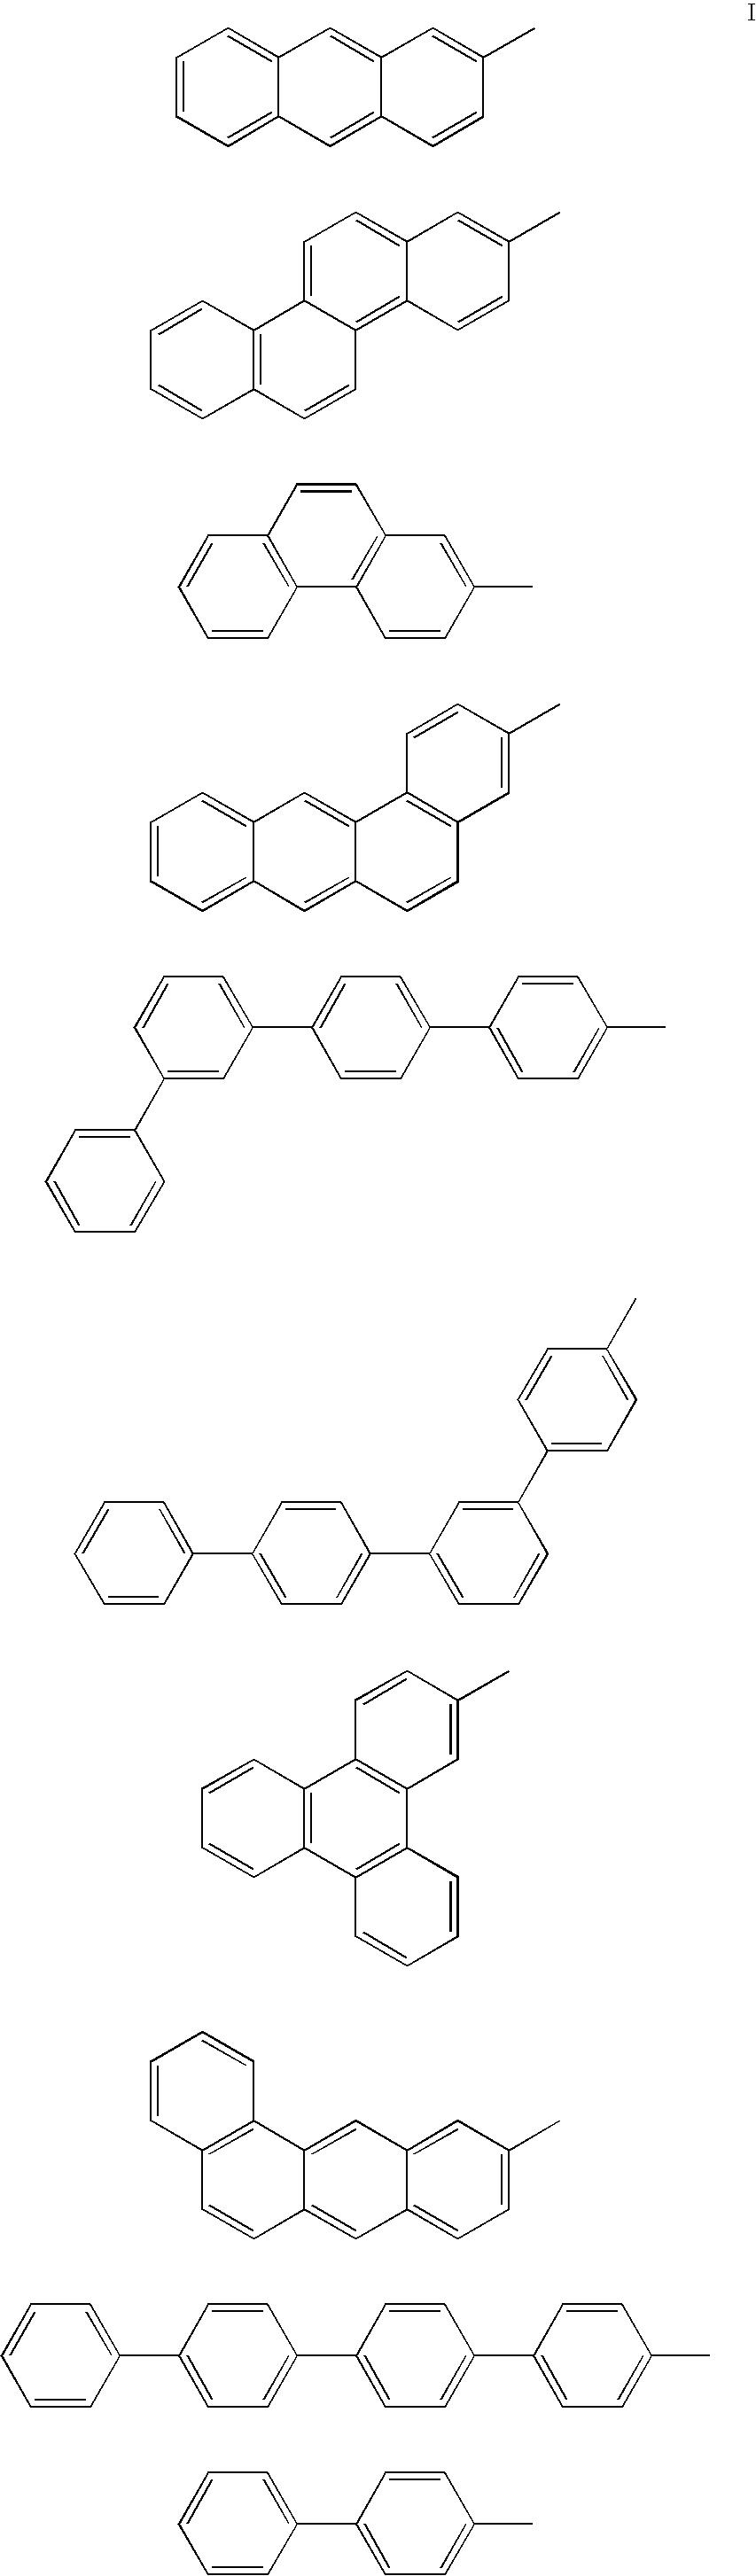 Figure US07232871-20070619-C00004